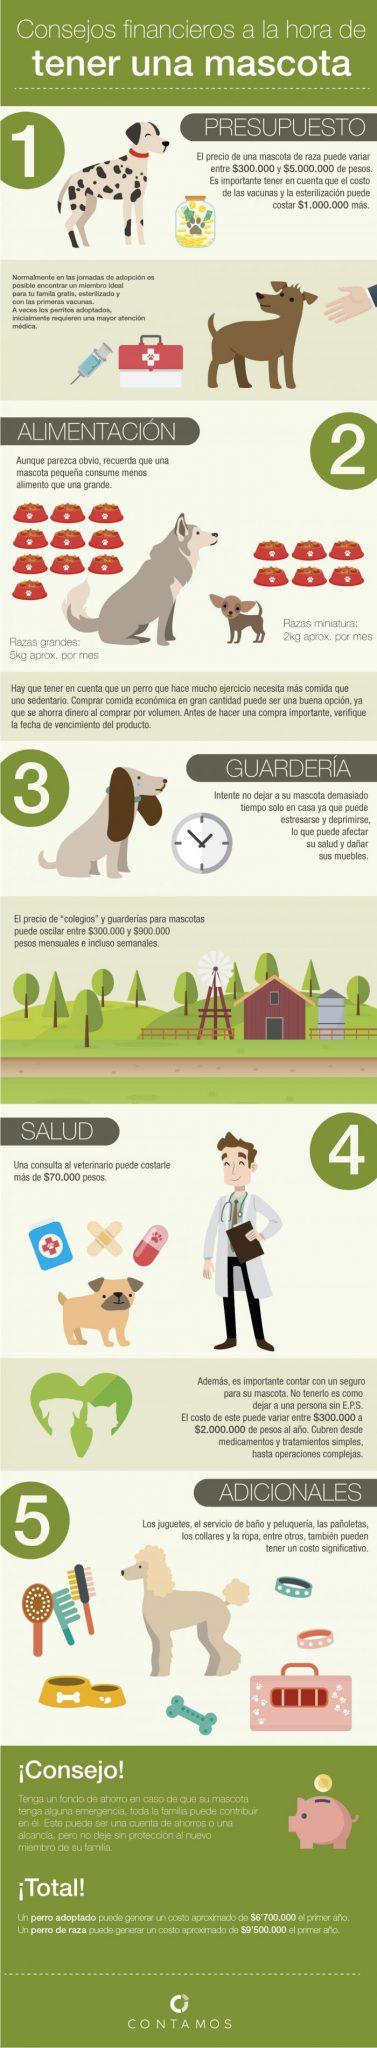 Infografía, Mascotas, Finanzas Personales, Educación Financiera